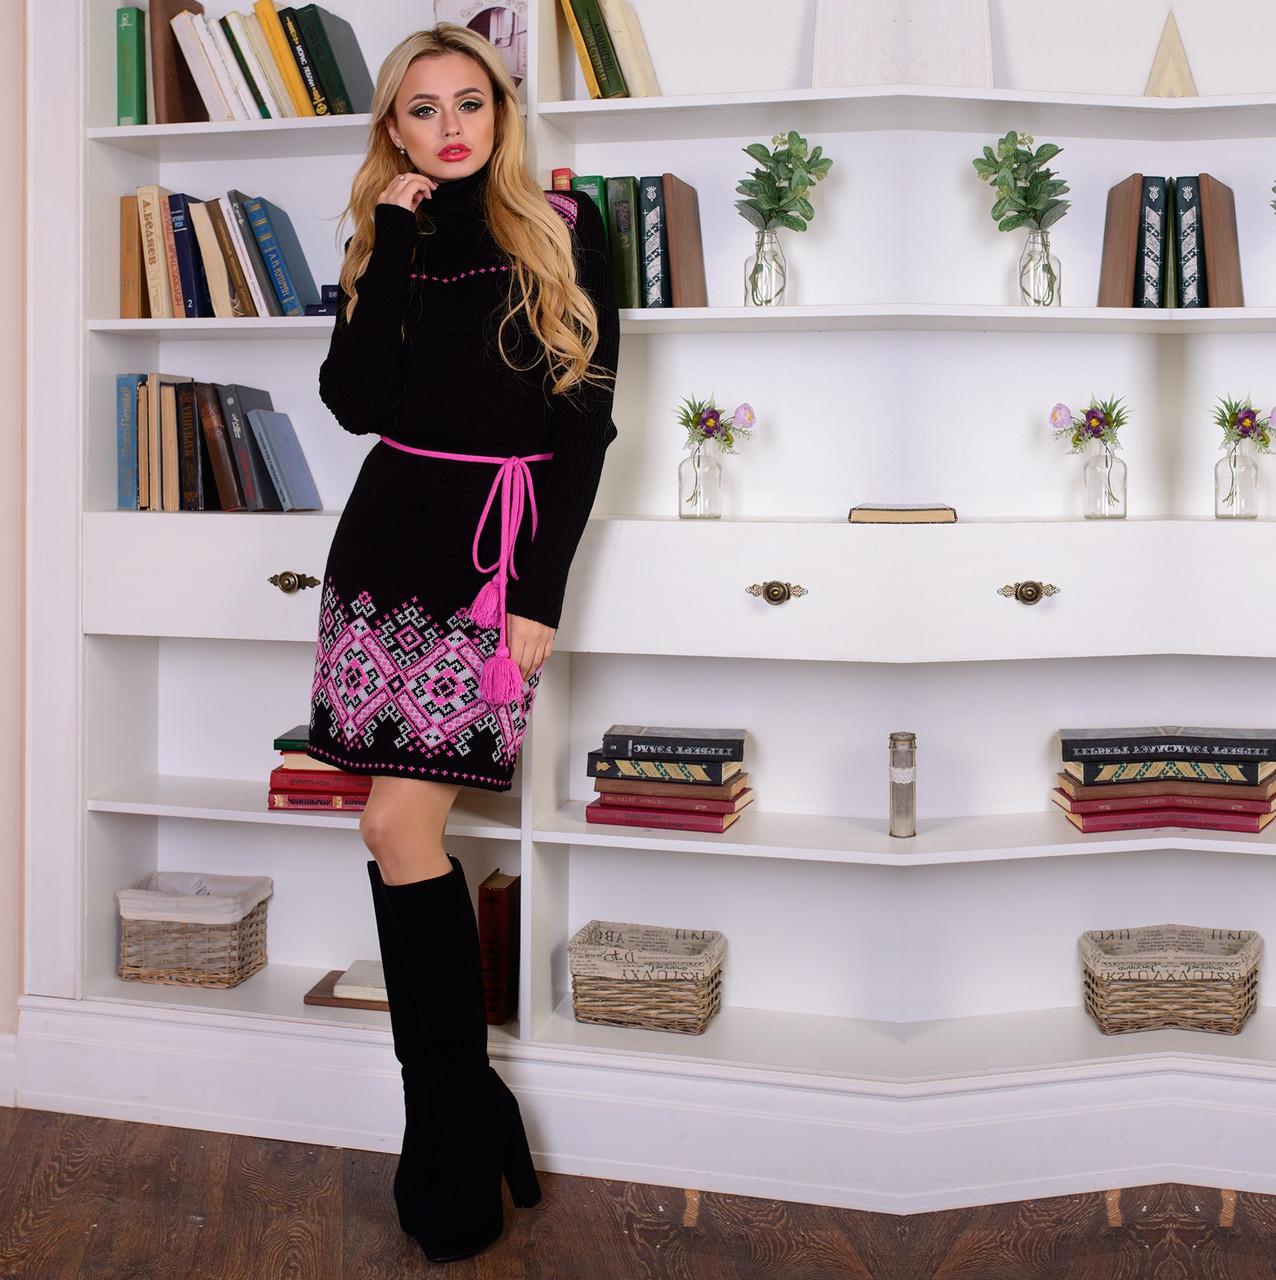 98ca88f19d6 Вязаное платье с орнаментом и поясом М 777601 Черный - Интернет-магазин  Леди-лайн